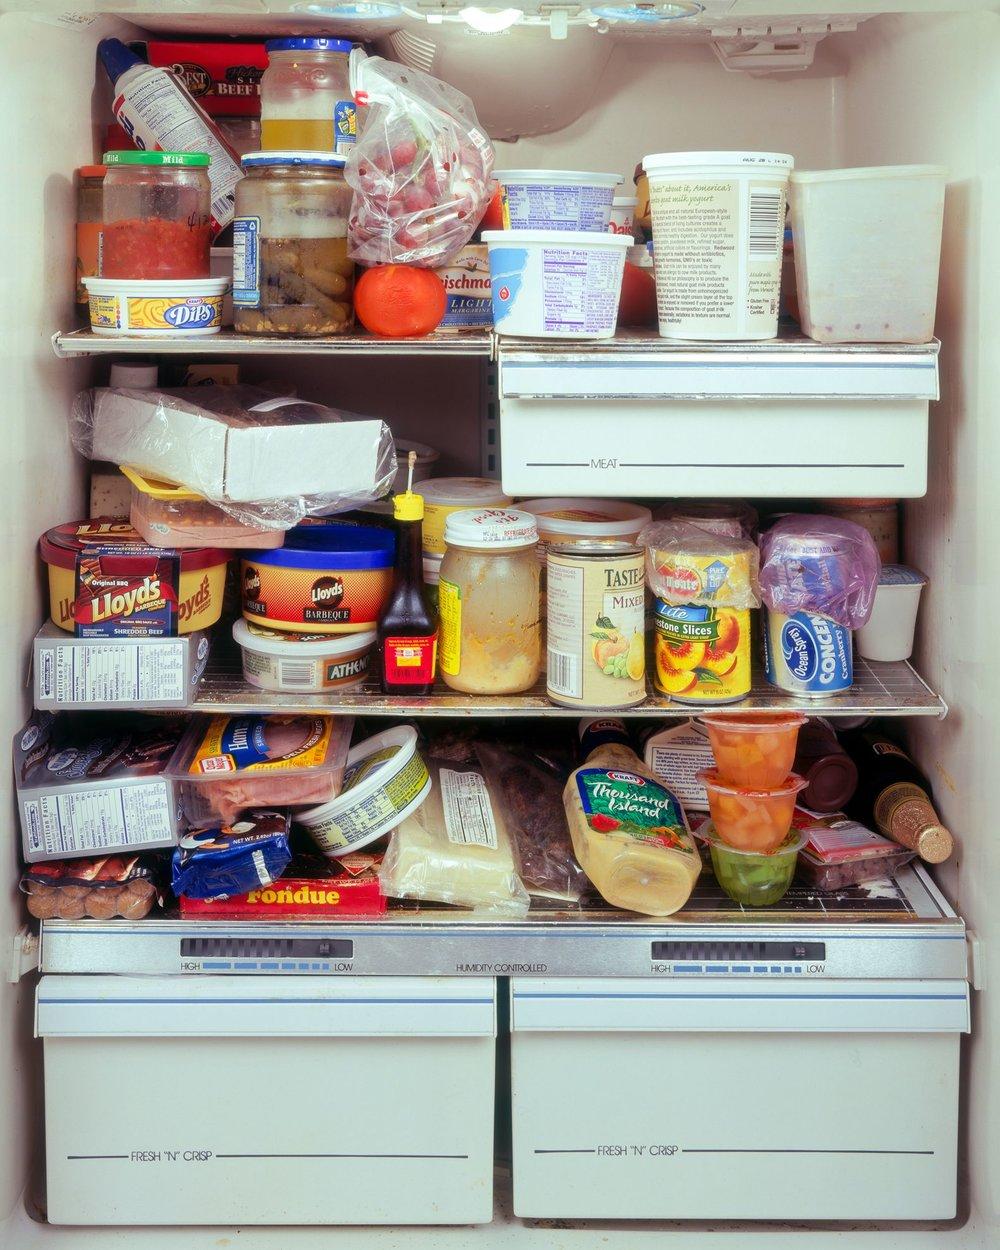 11082018_nota-refrigerador 01.jpg